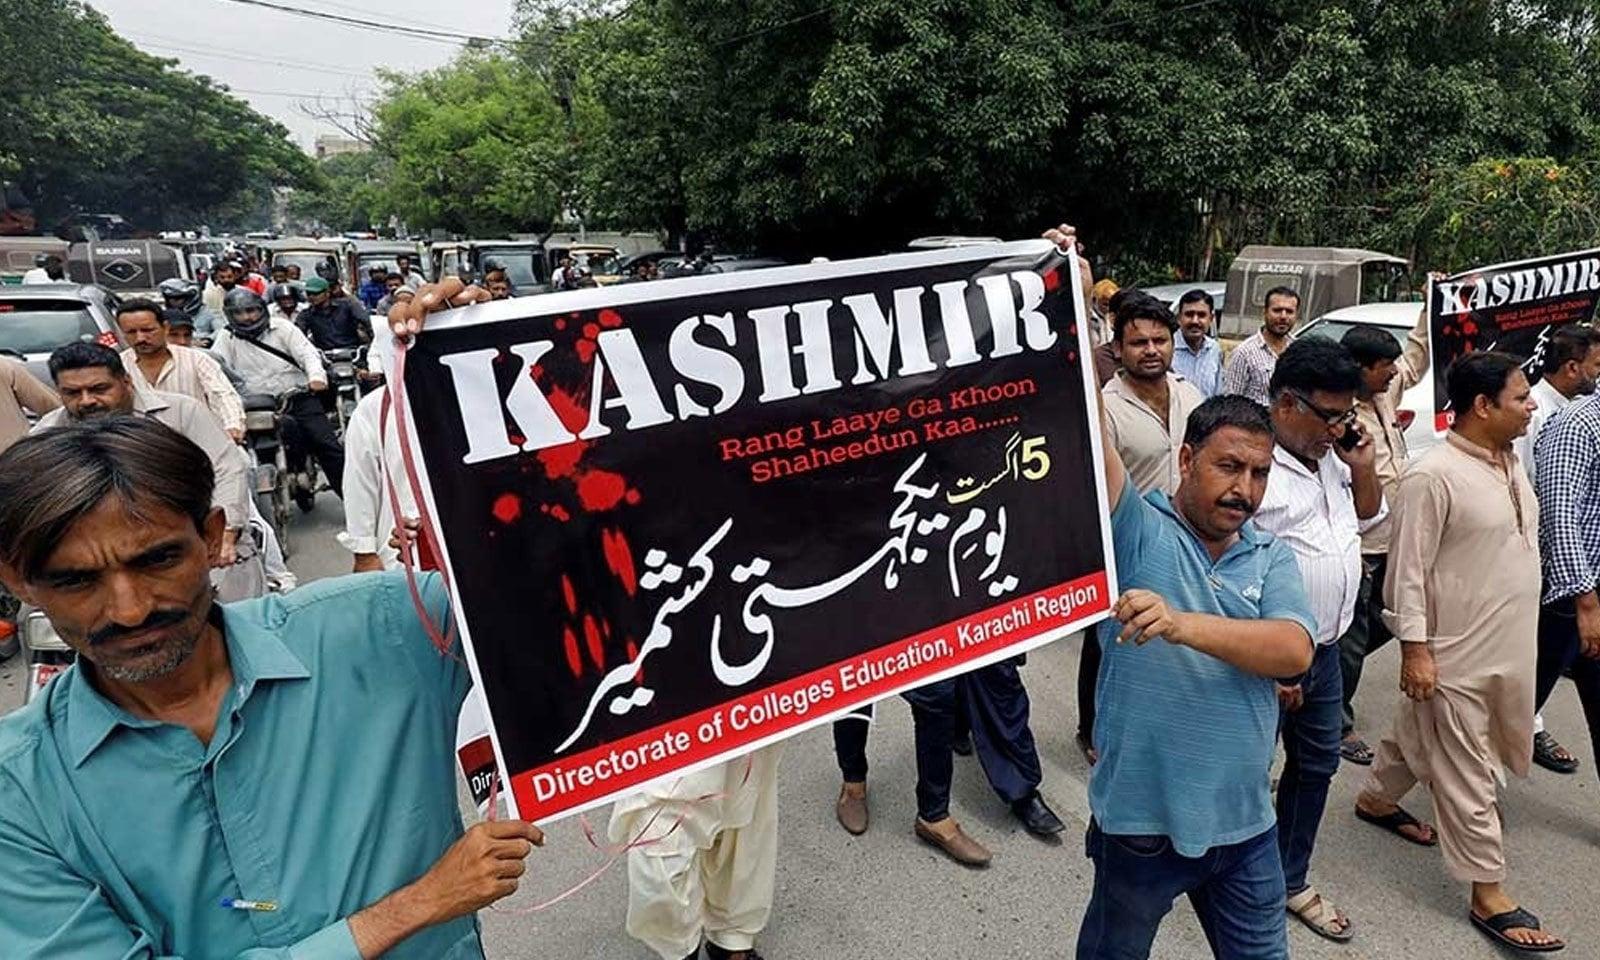 شہریوں نے بھارتی اقدام پر اس دن کو  یوم یکجہتی کشمیر کے طور پر منایا  — فوٹو: رائٹرز